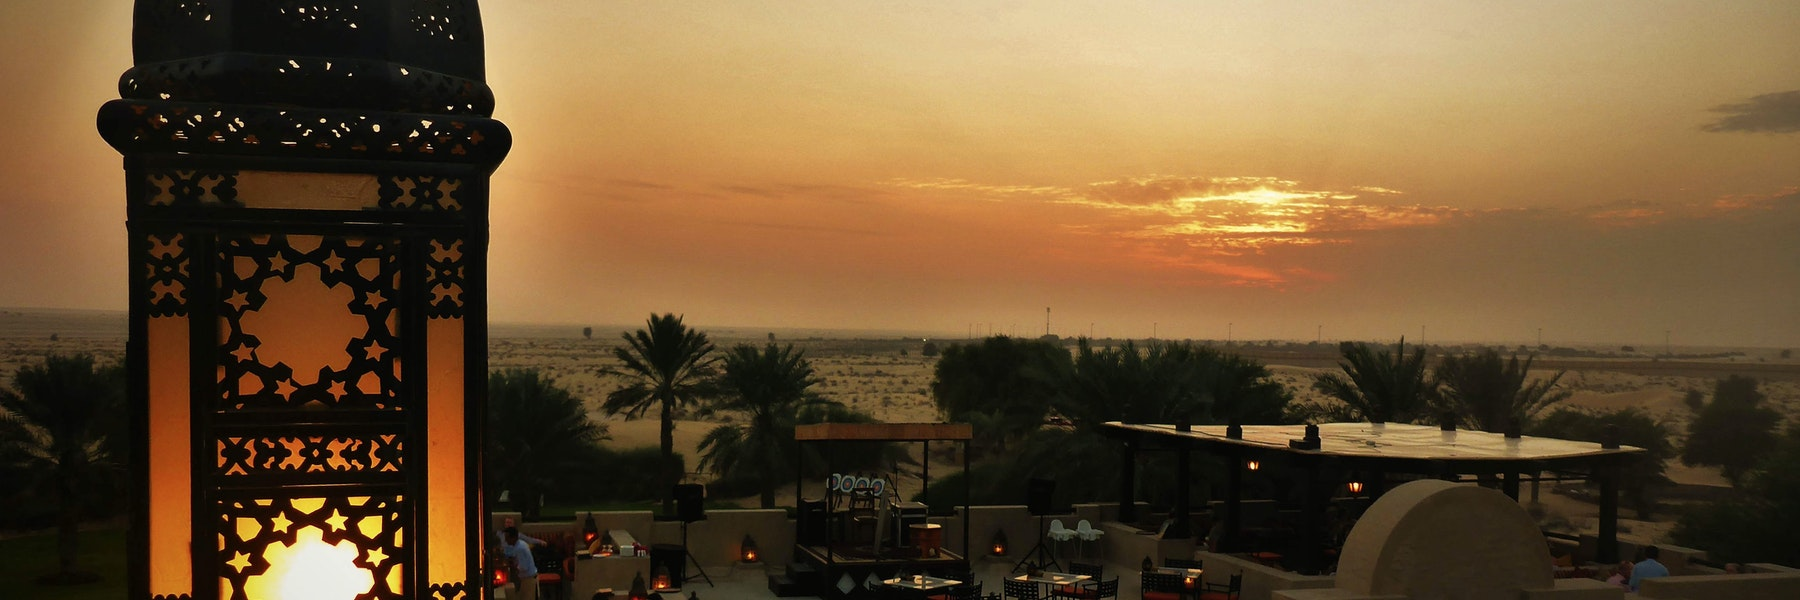 evening desert safari in dubai